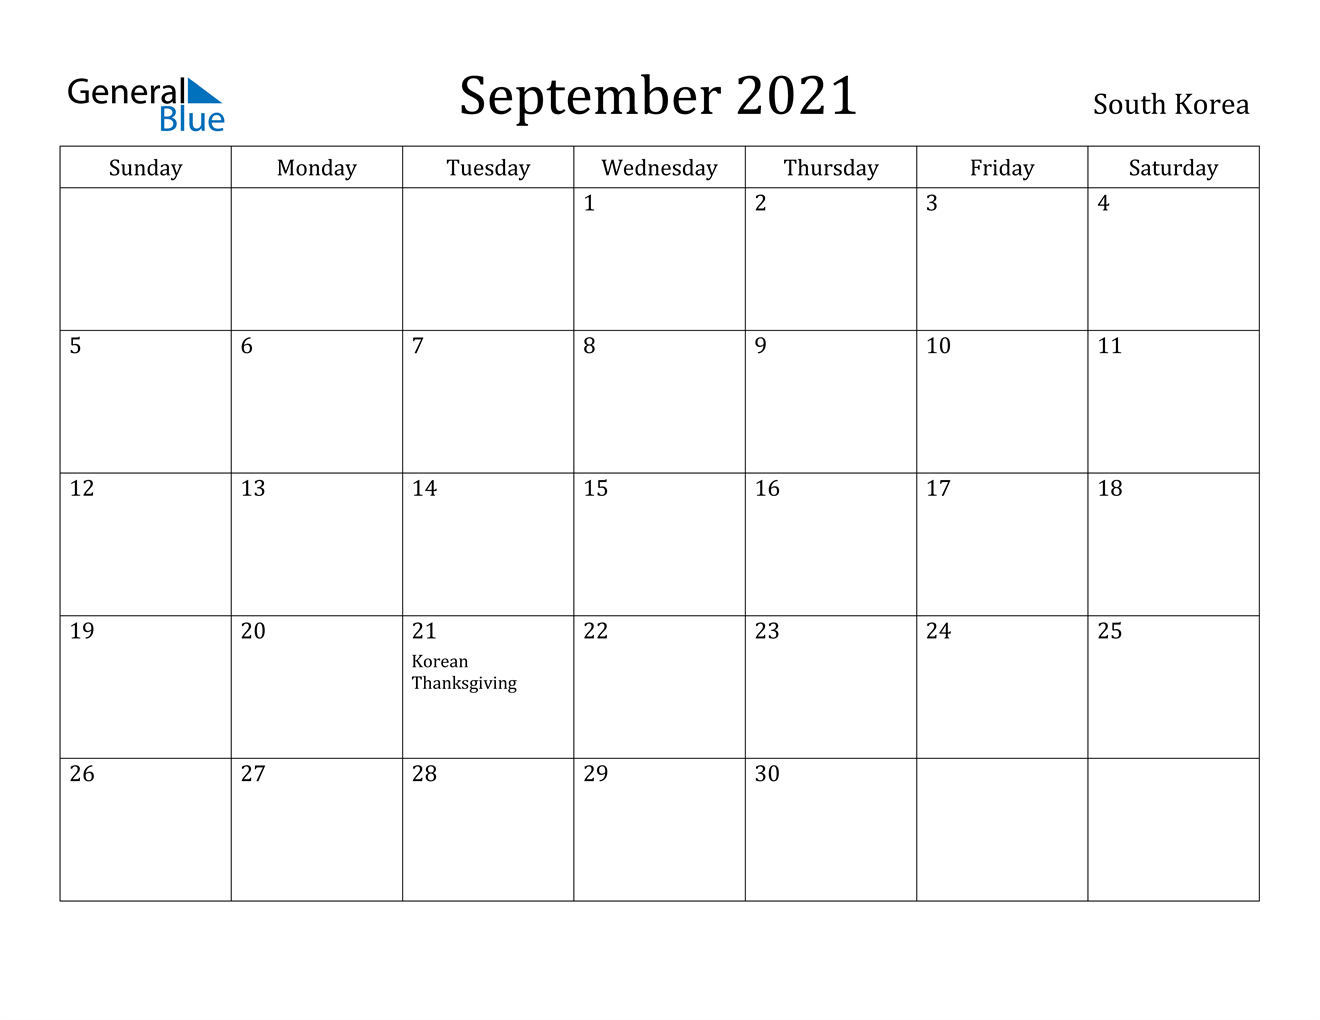 September 2021 Calendar - South Korea